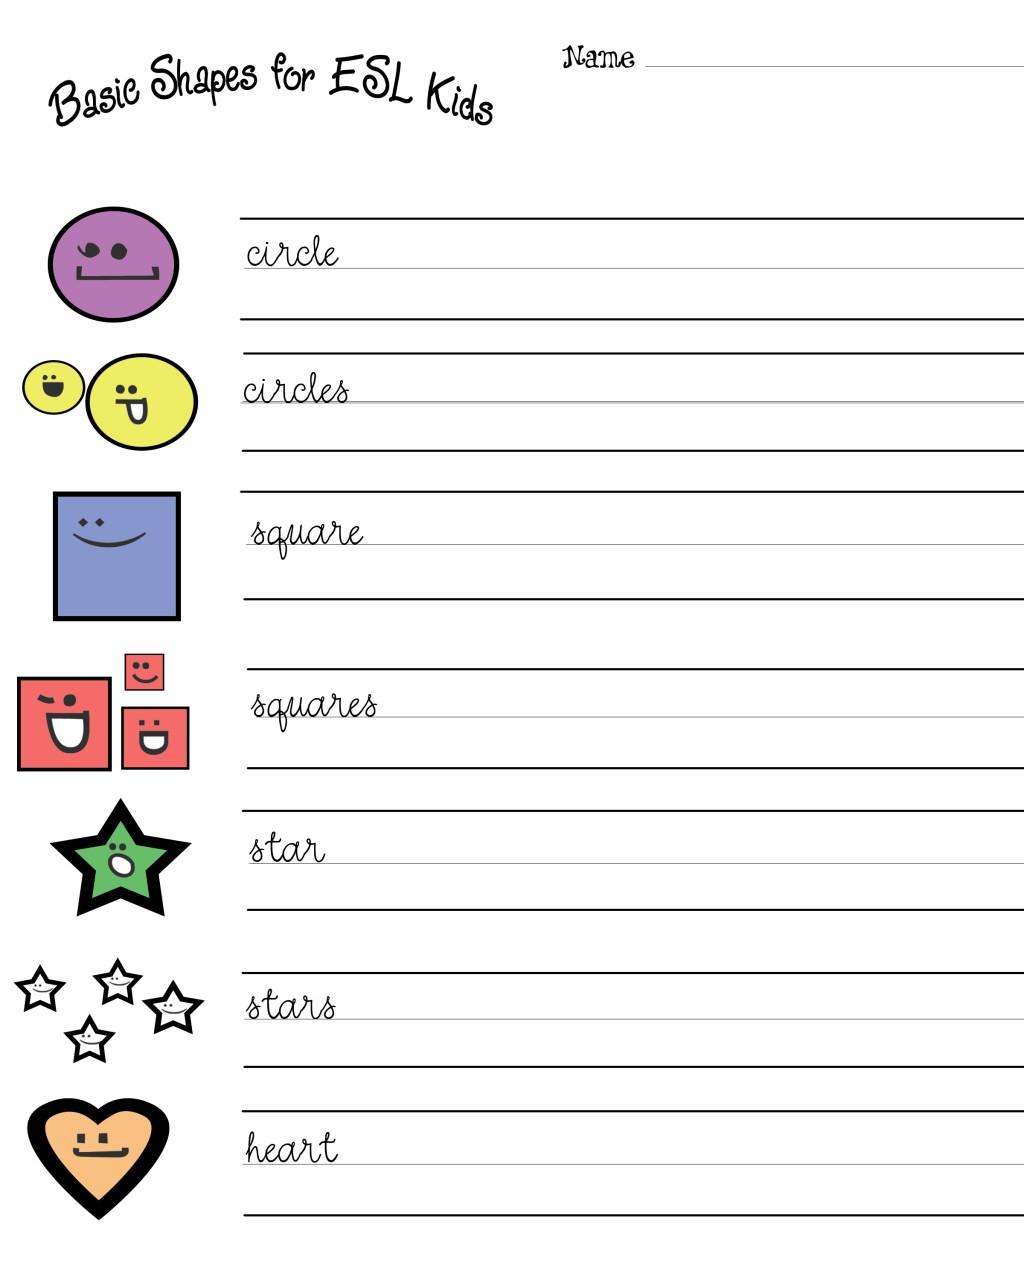 English Bud S Esl Worksheet Shapes